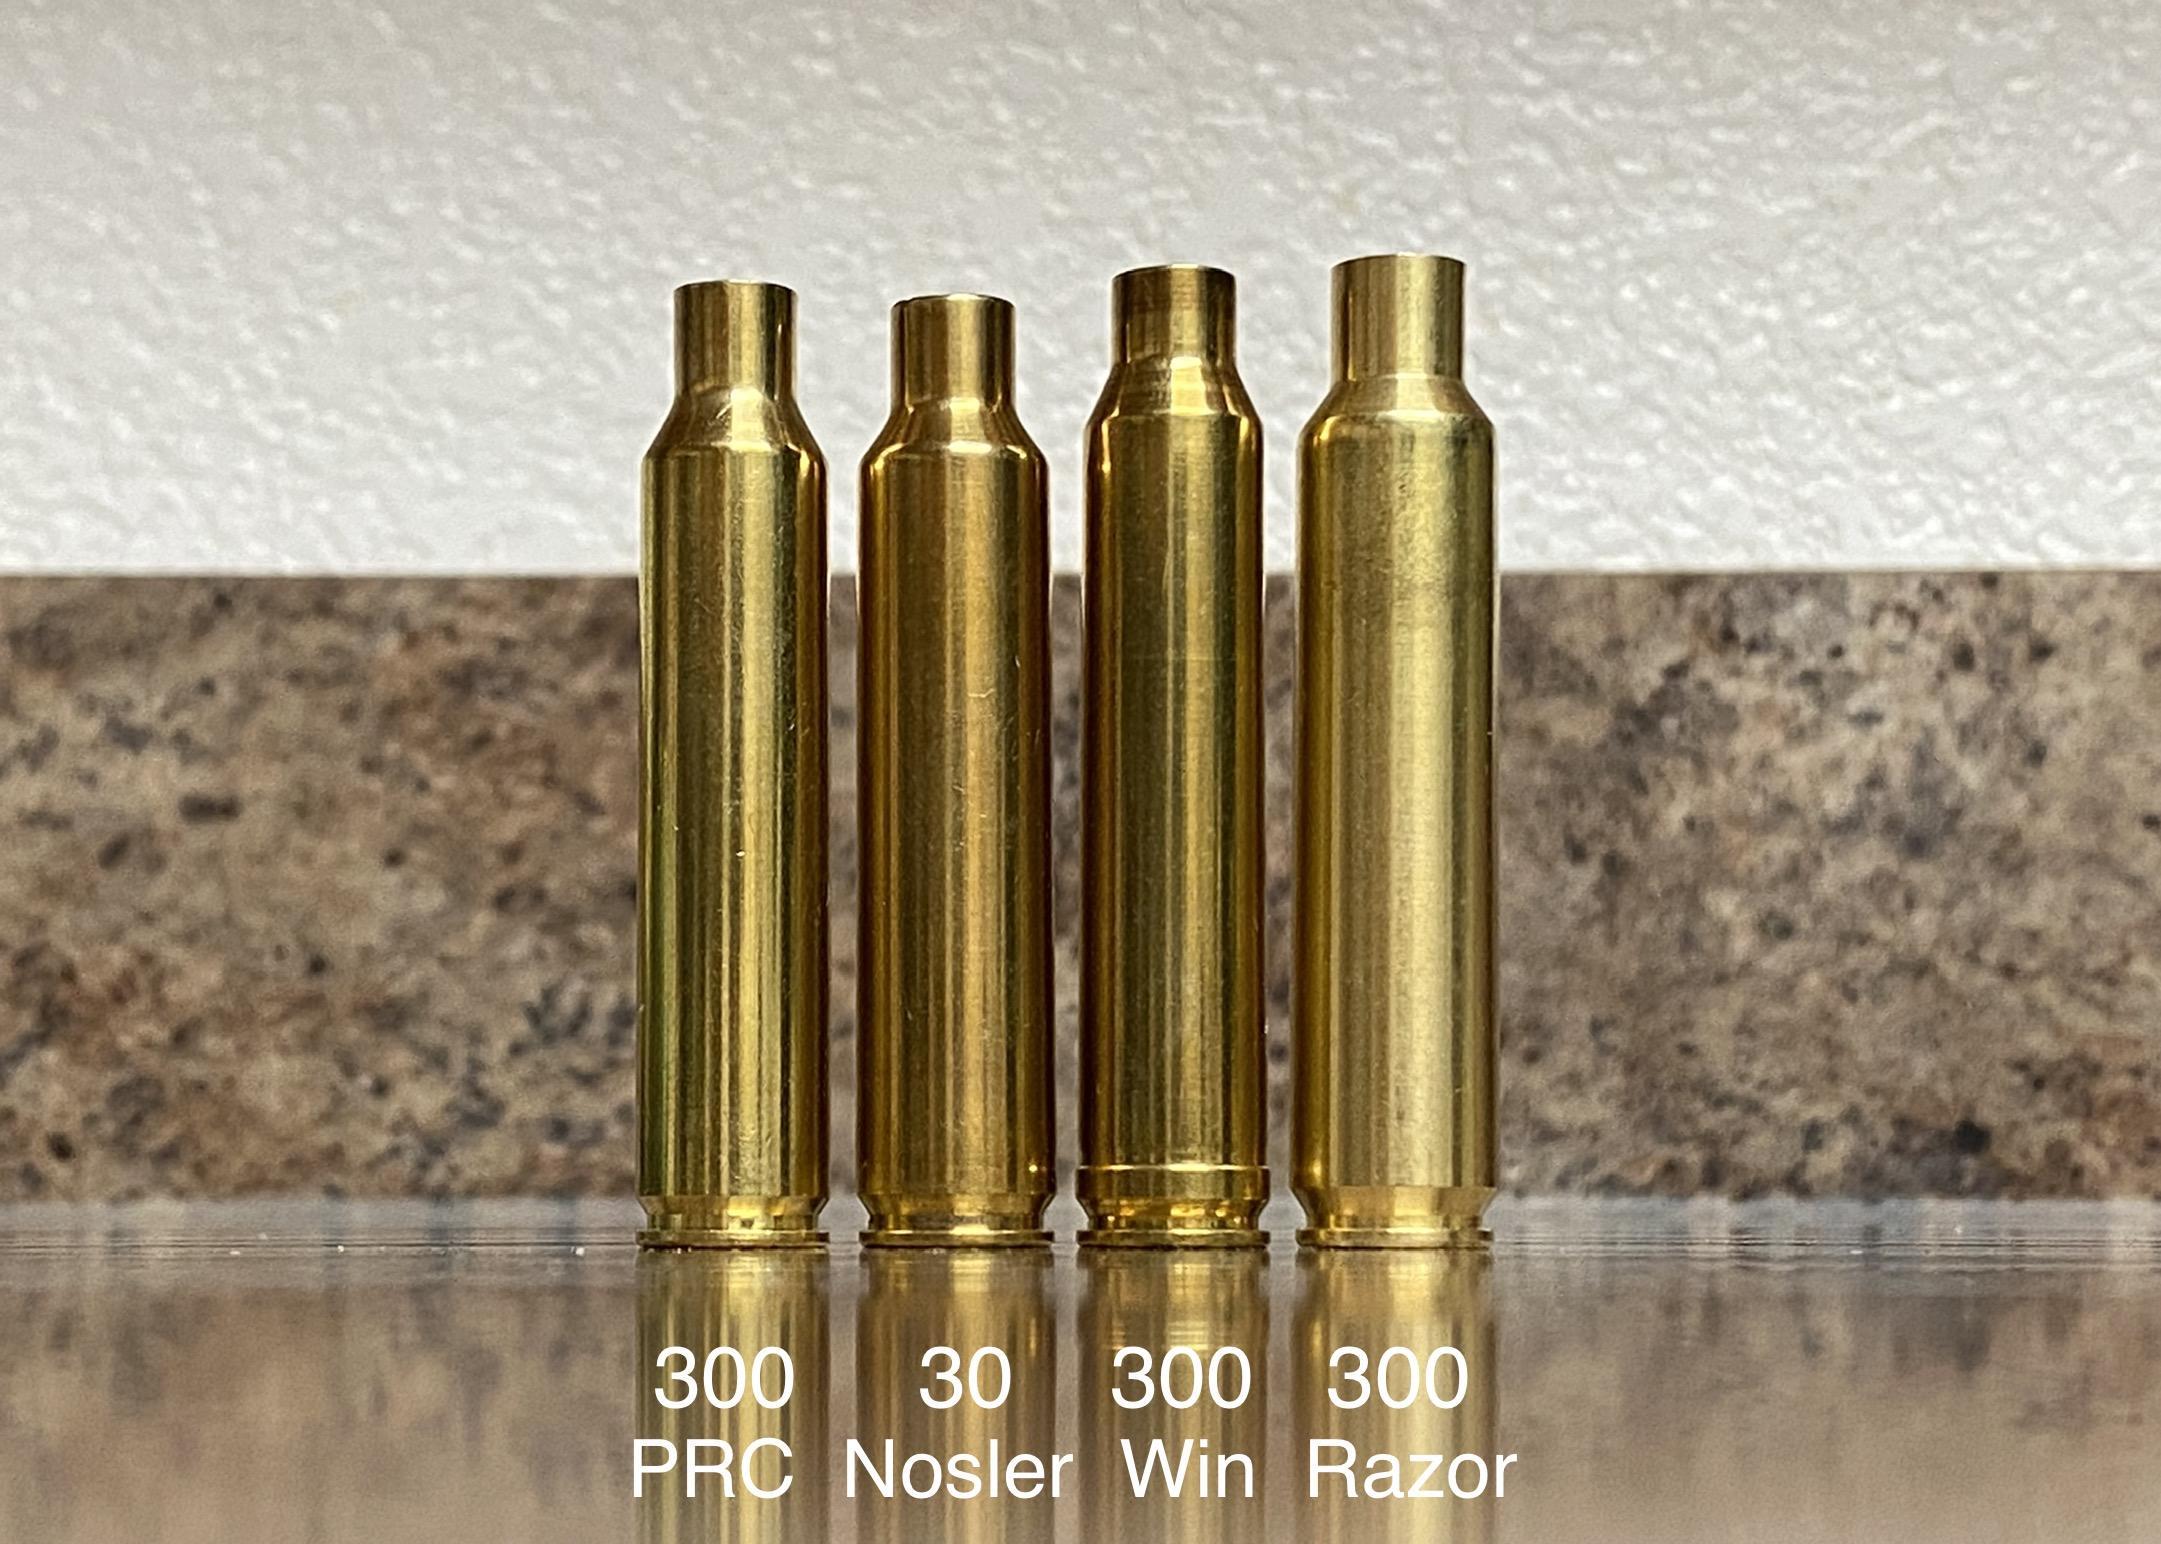 7010CAF5-1644-4D0B-9A79-859827A7357D.jpeg